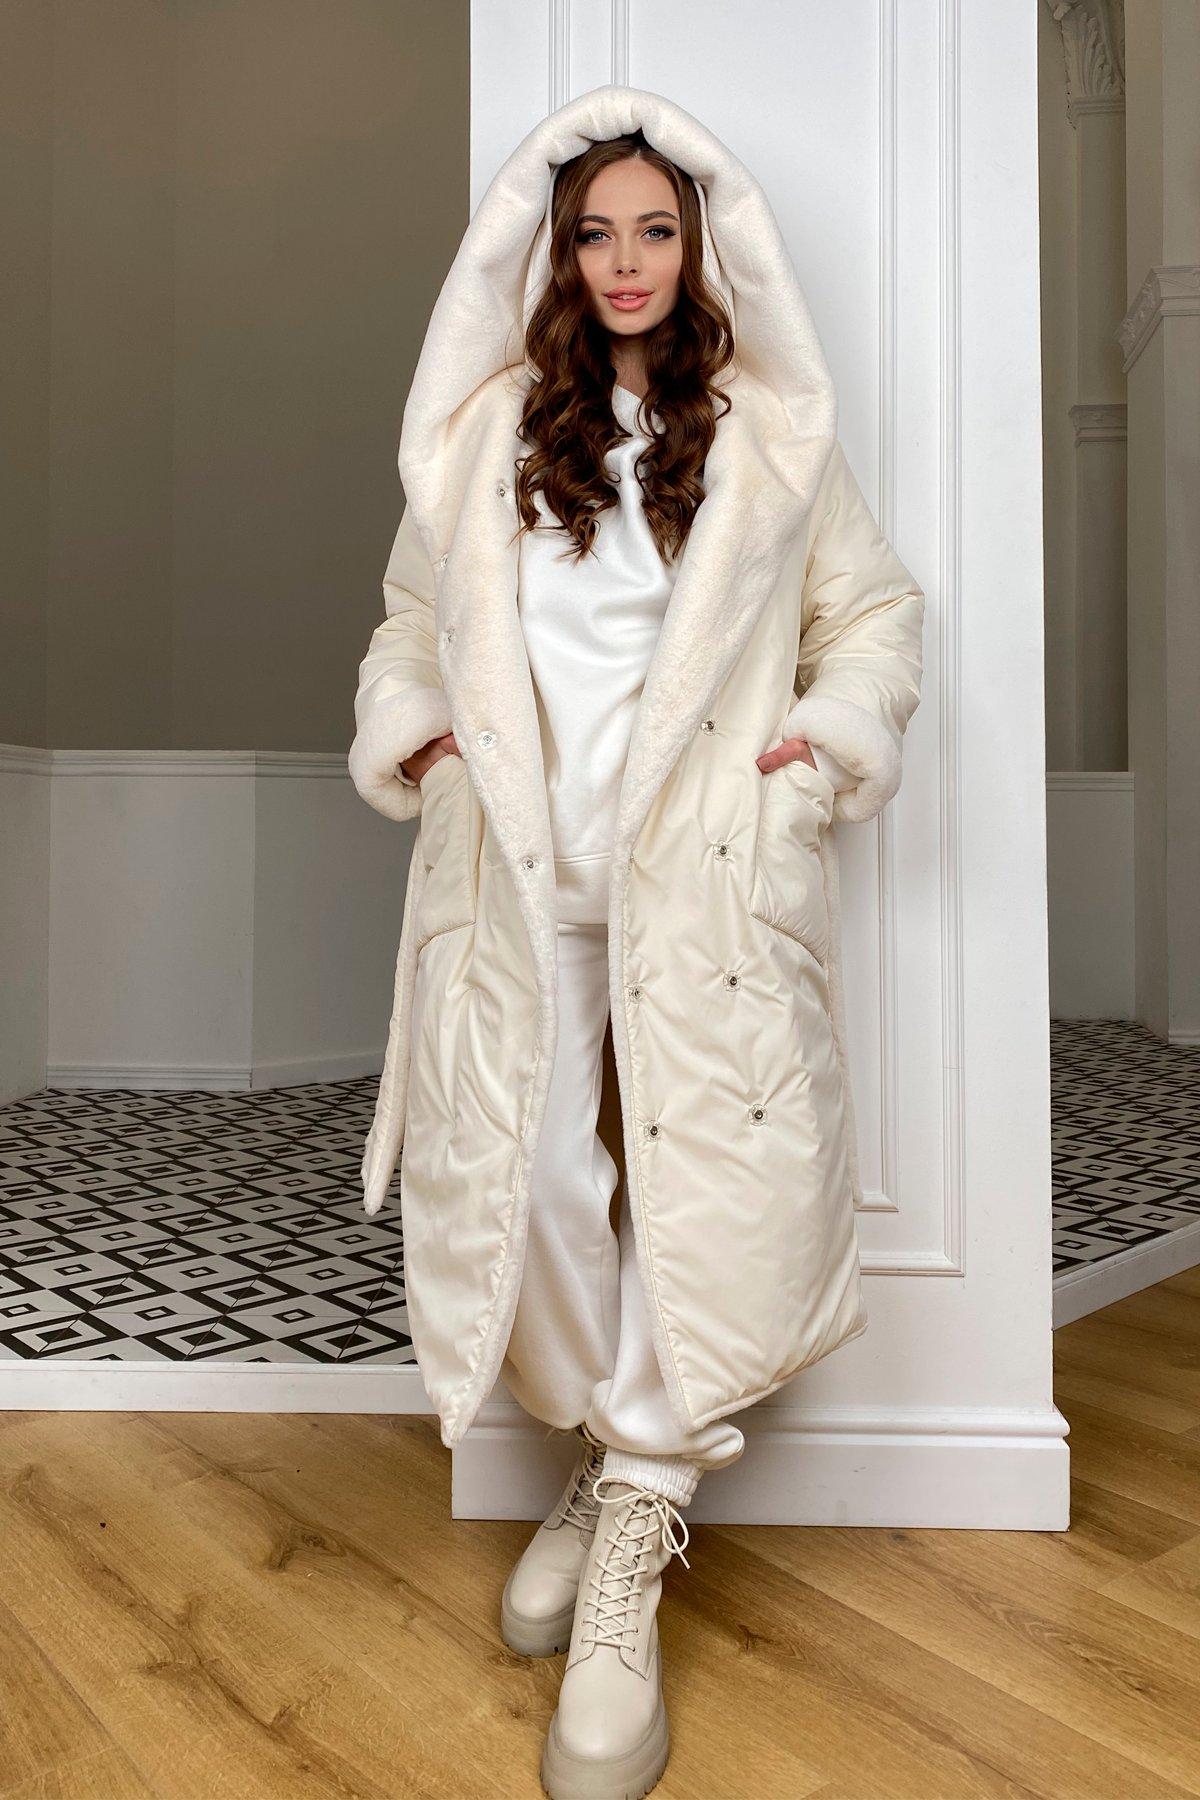 Сноу  теплое двухстороннее пальто из  еко меха и плотной  плащевки 9956 АРТ. 46669 Цвет: Молоко/Молоко 6 - фото 1, интернет магазин tm-modus.ru